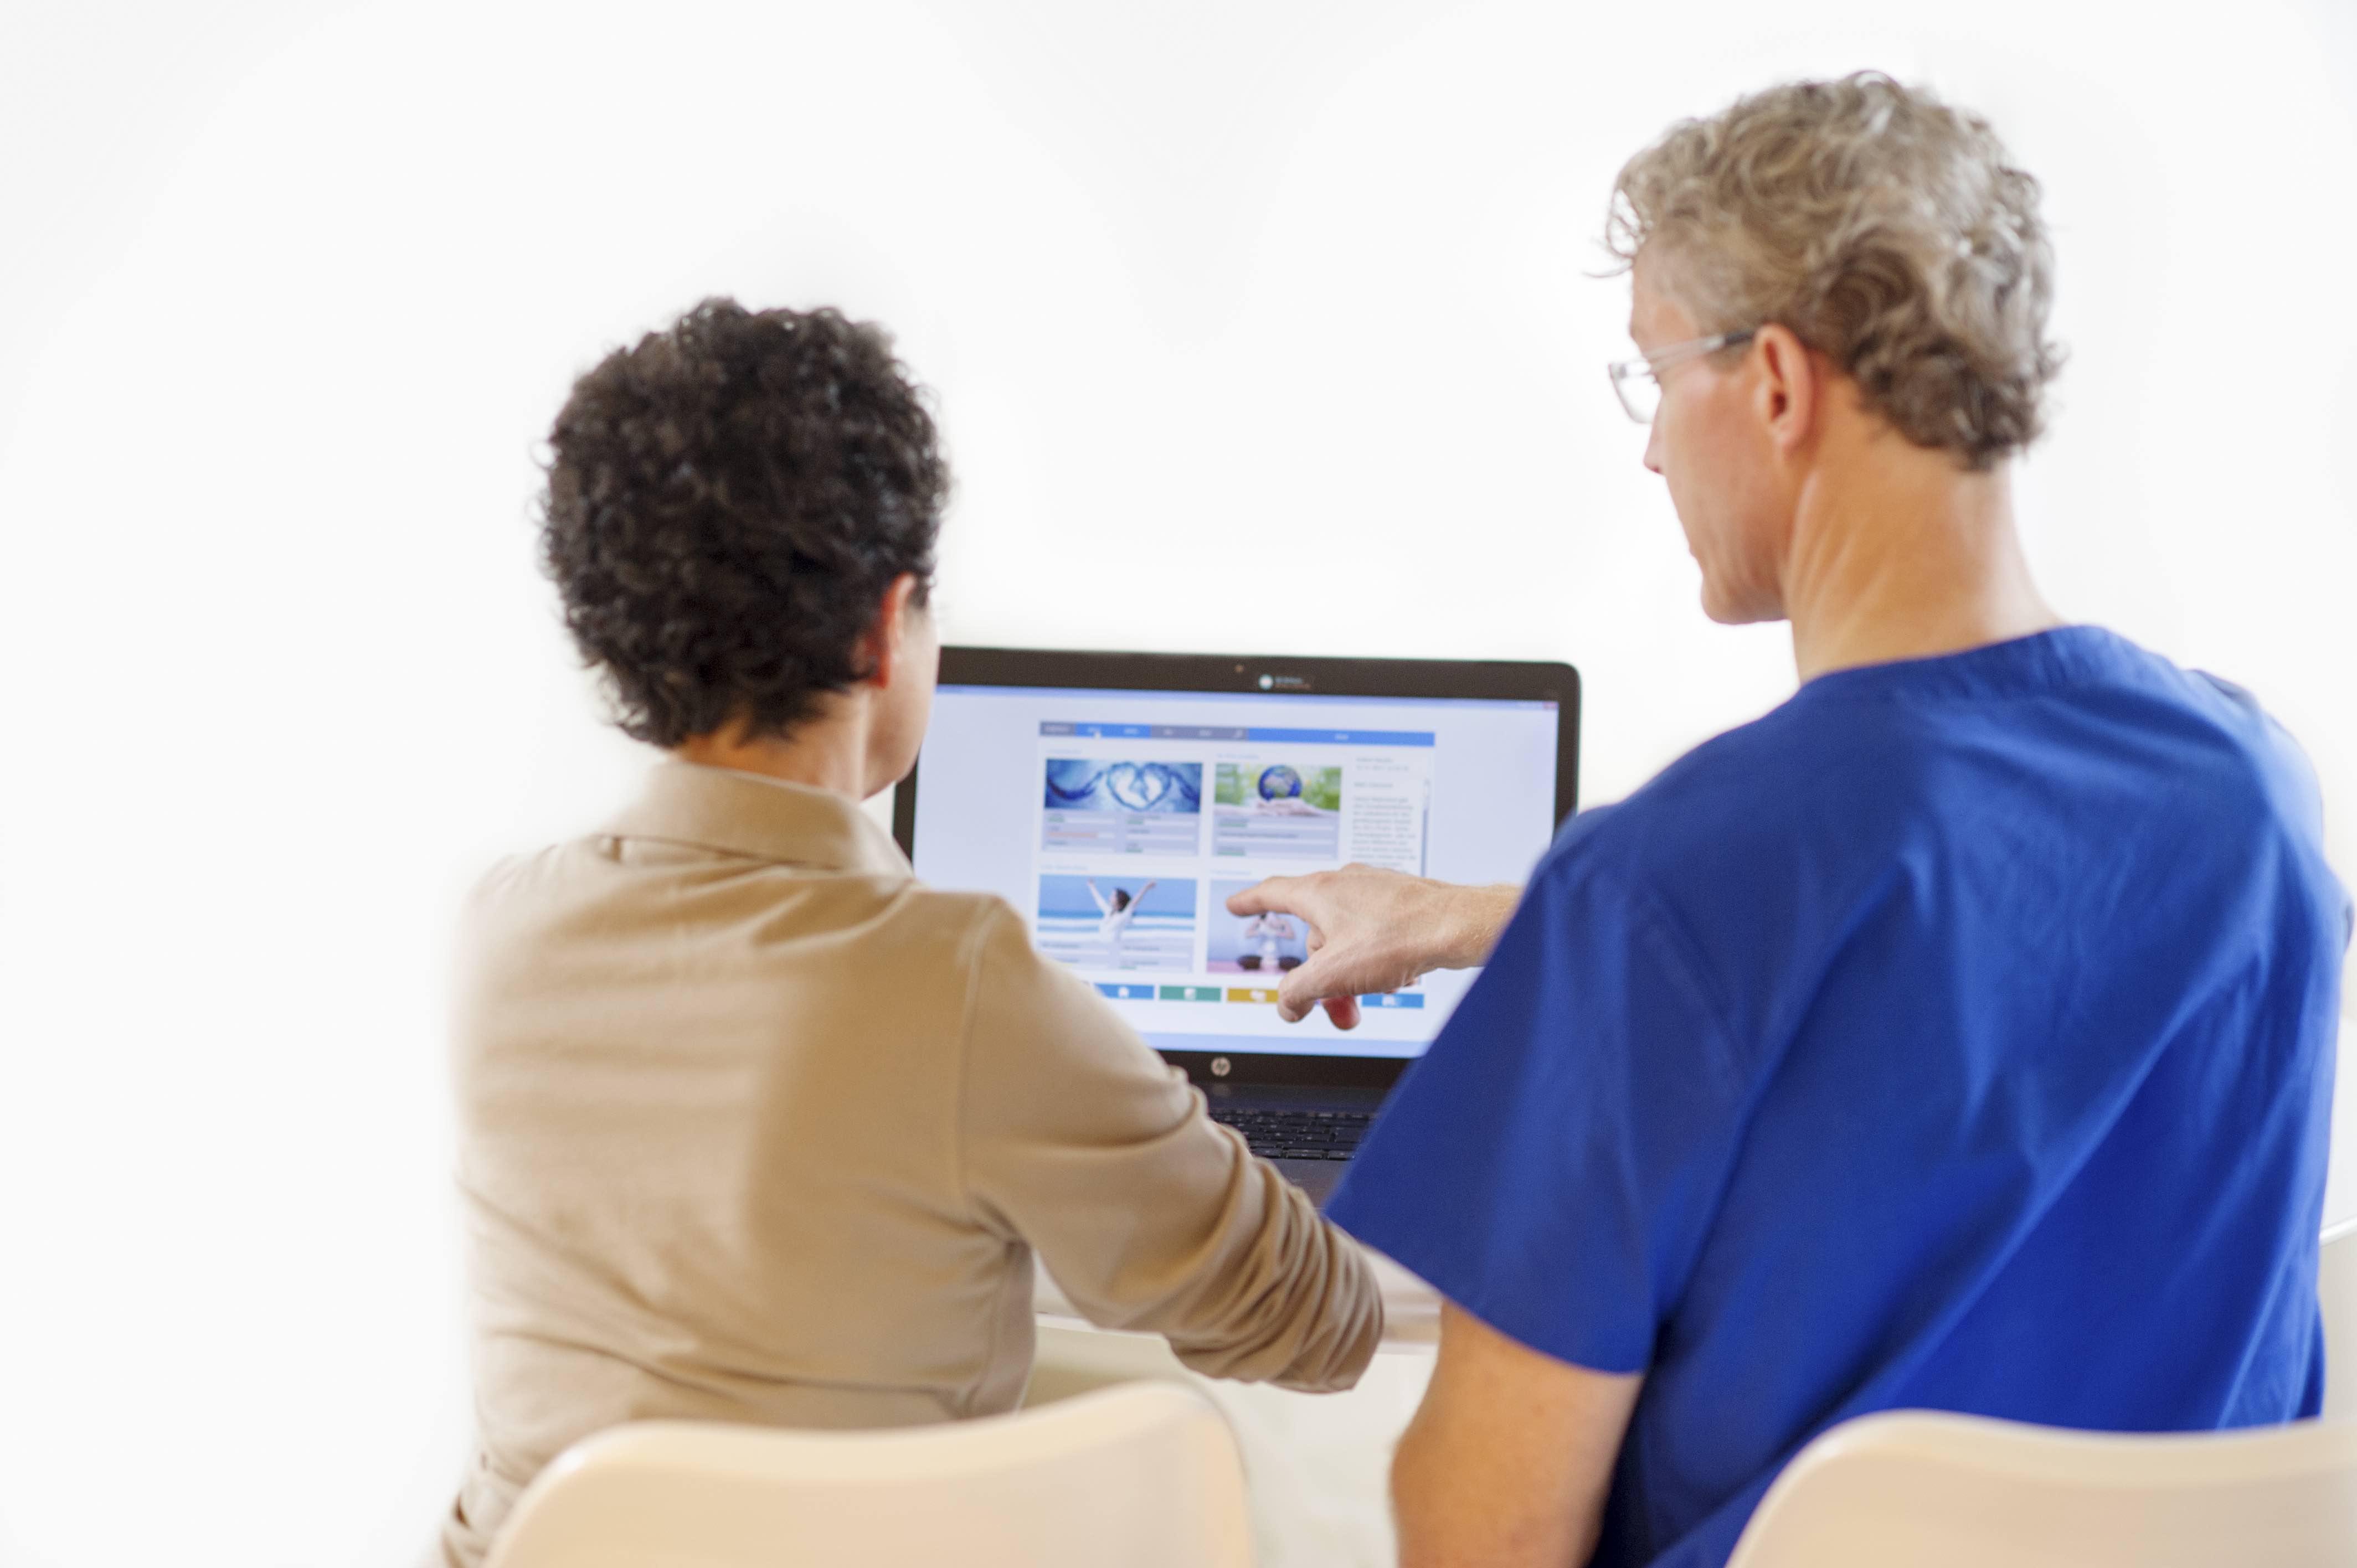 NES Bioenergetische Analyse Ärzte im Gespräch über Patient High Heal